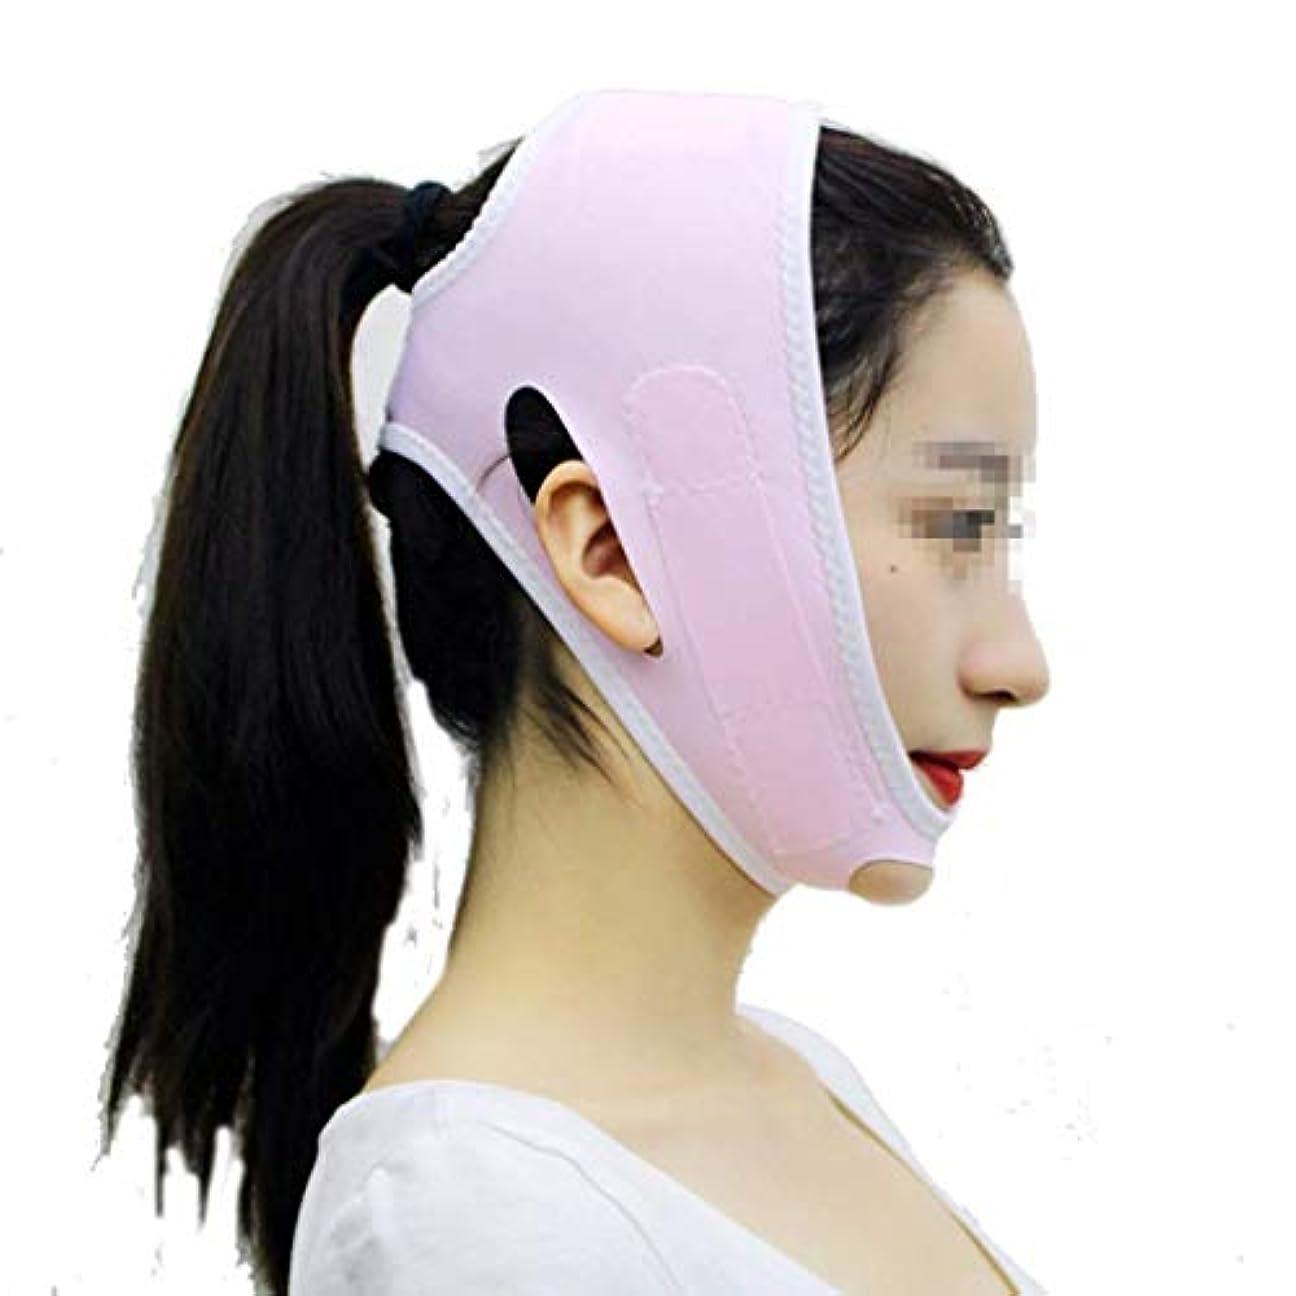 淡い確認してくださいようこそ美容包帯、Vフェイス睡眠薄いフェイスマスクライン彫刻回復フードリフティング引き締めフェイスダブルチンマスクマルチカラーオプション(カラー:ピンク),ピンク